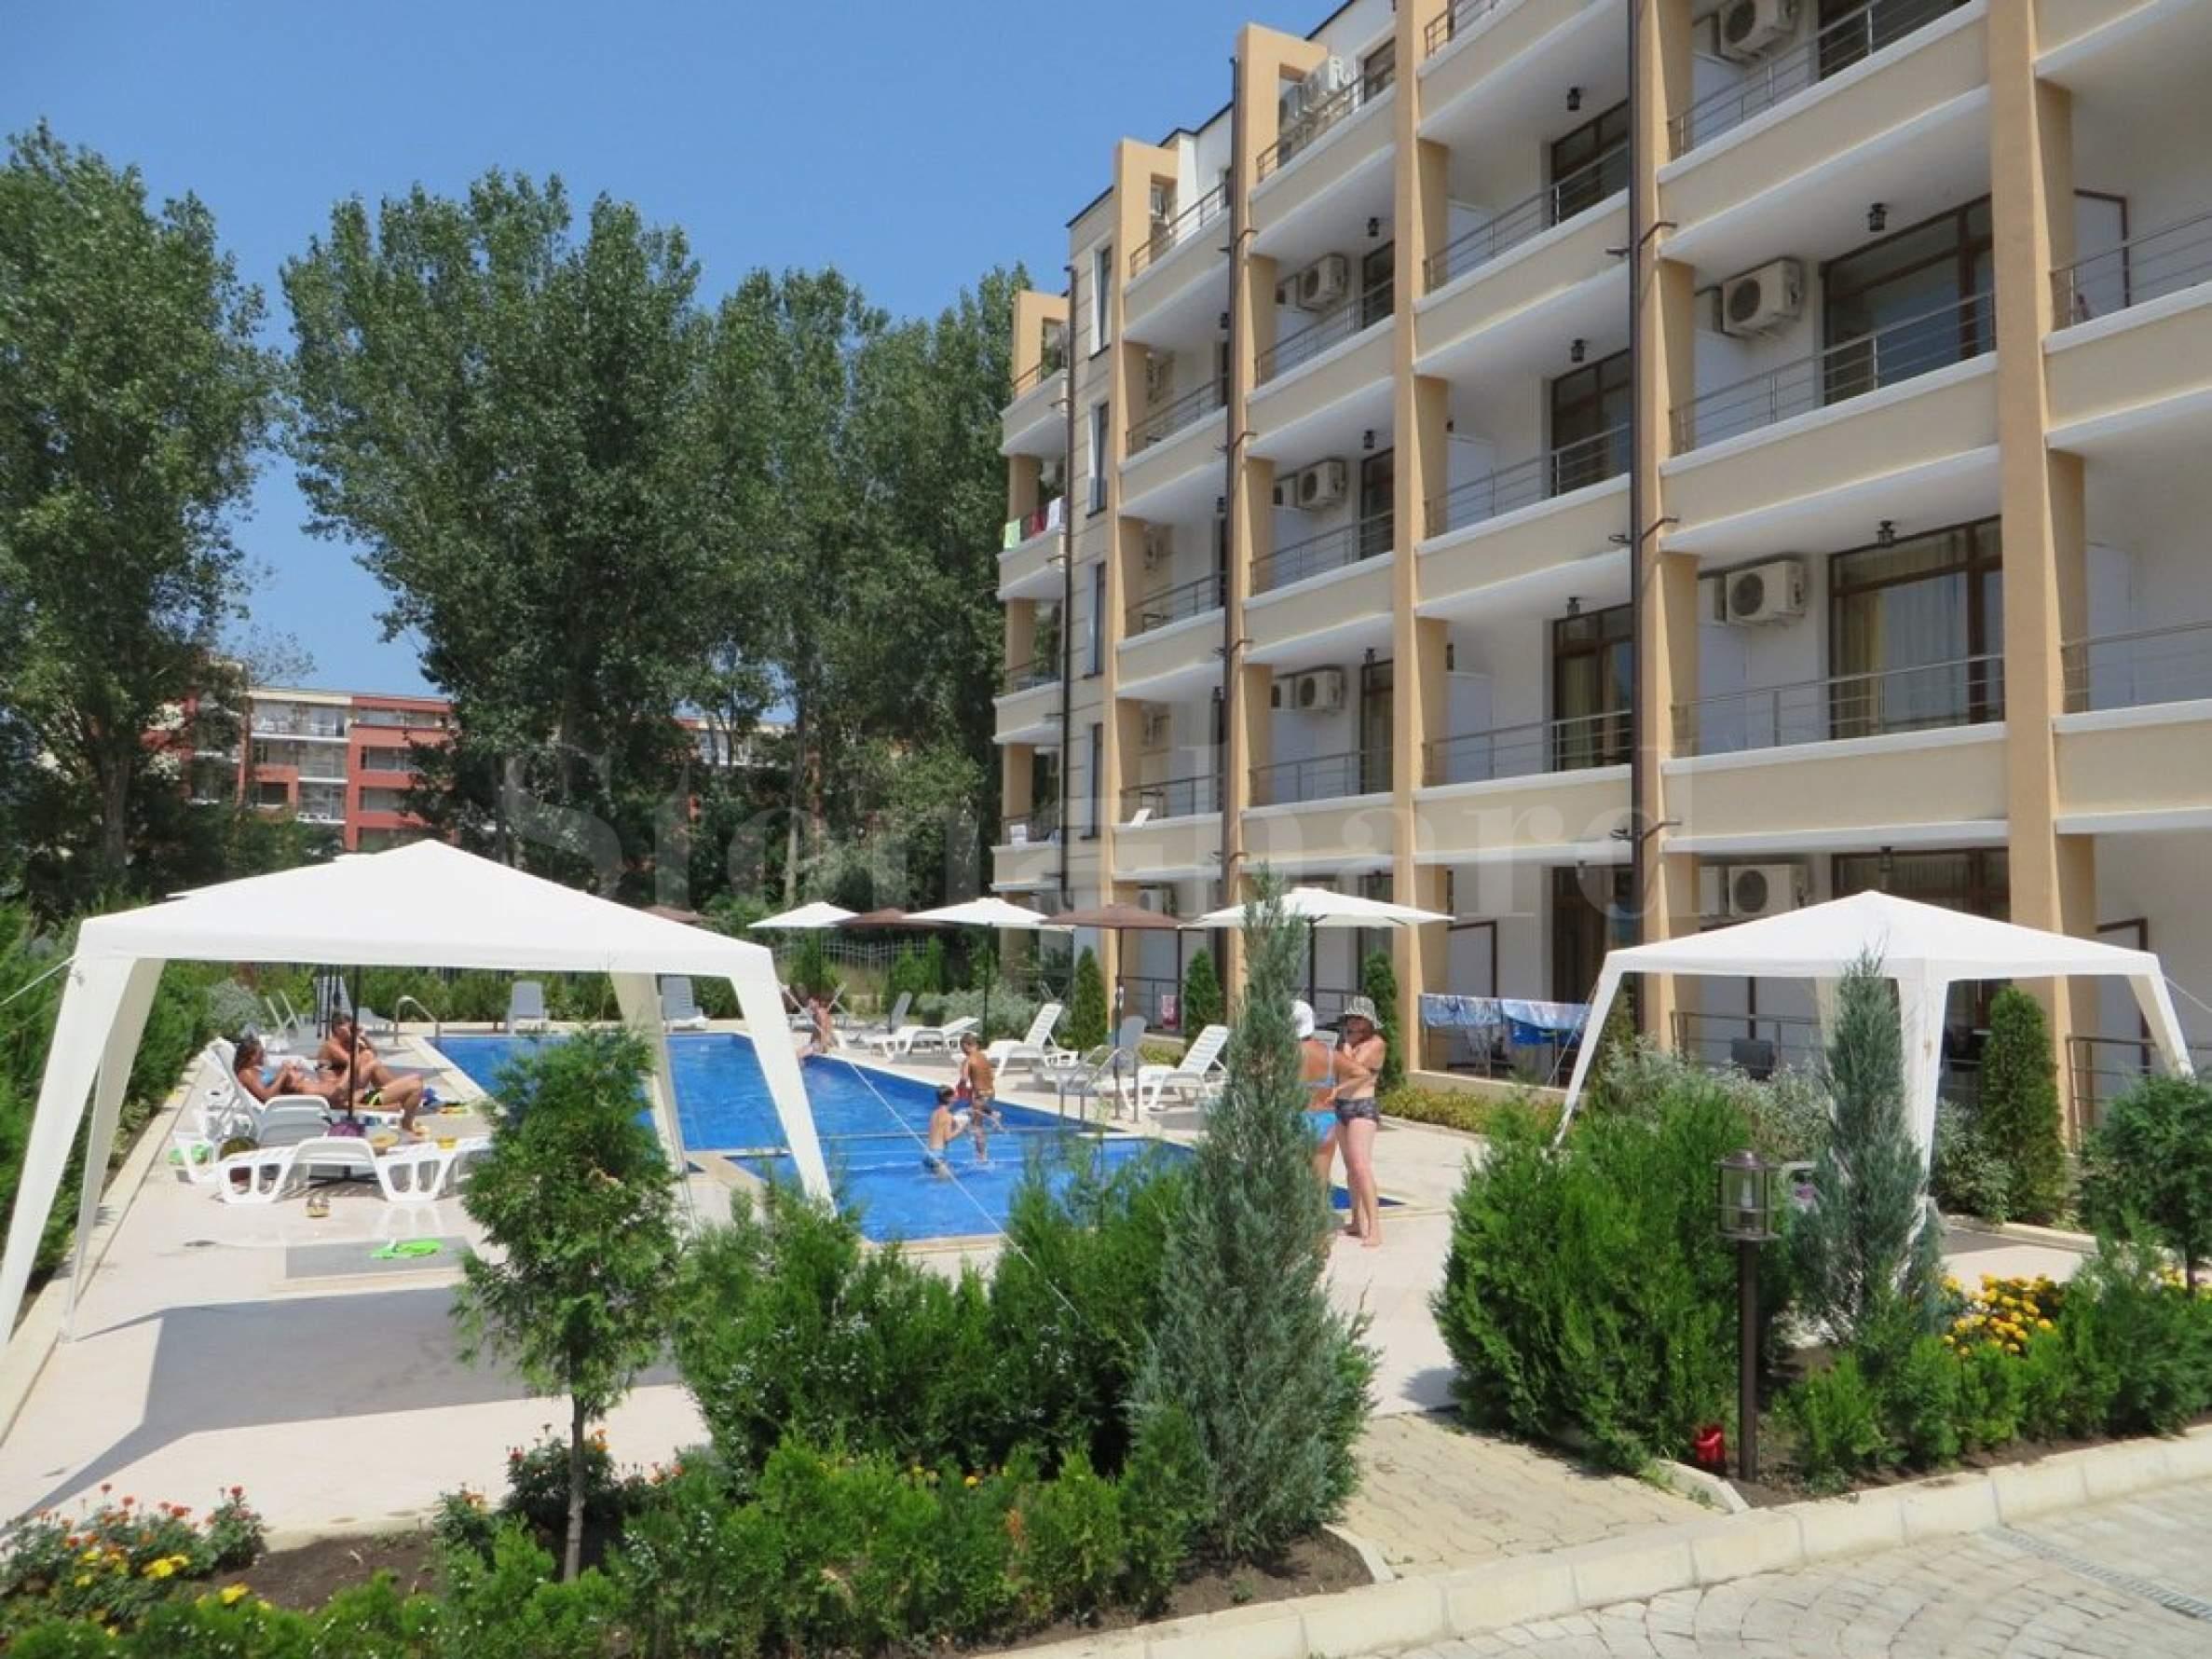 Апартаменти с гарантирана доходност от наем в затворен комплекс2 - Stonehard